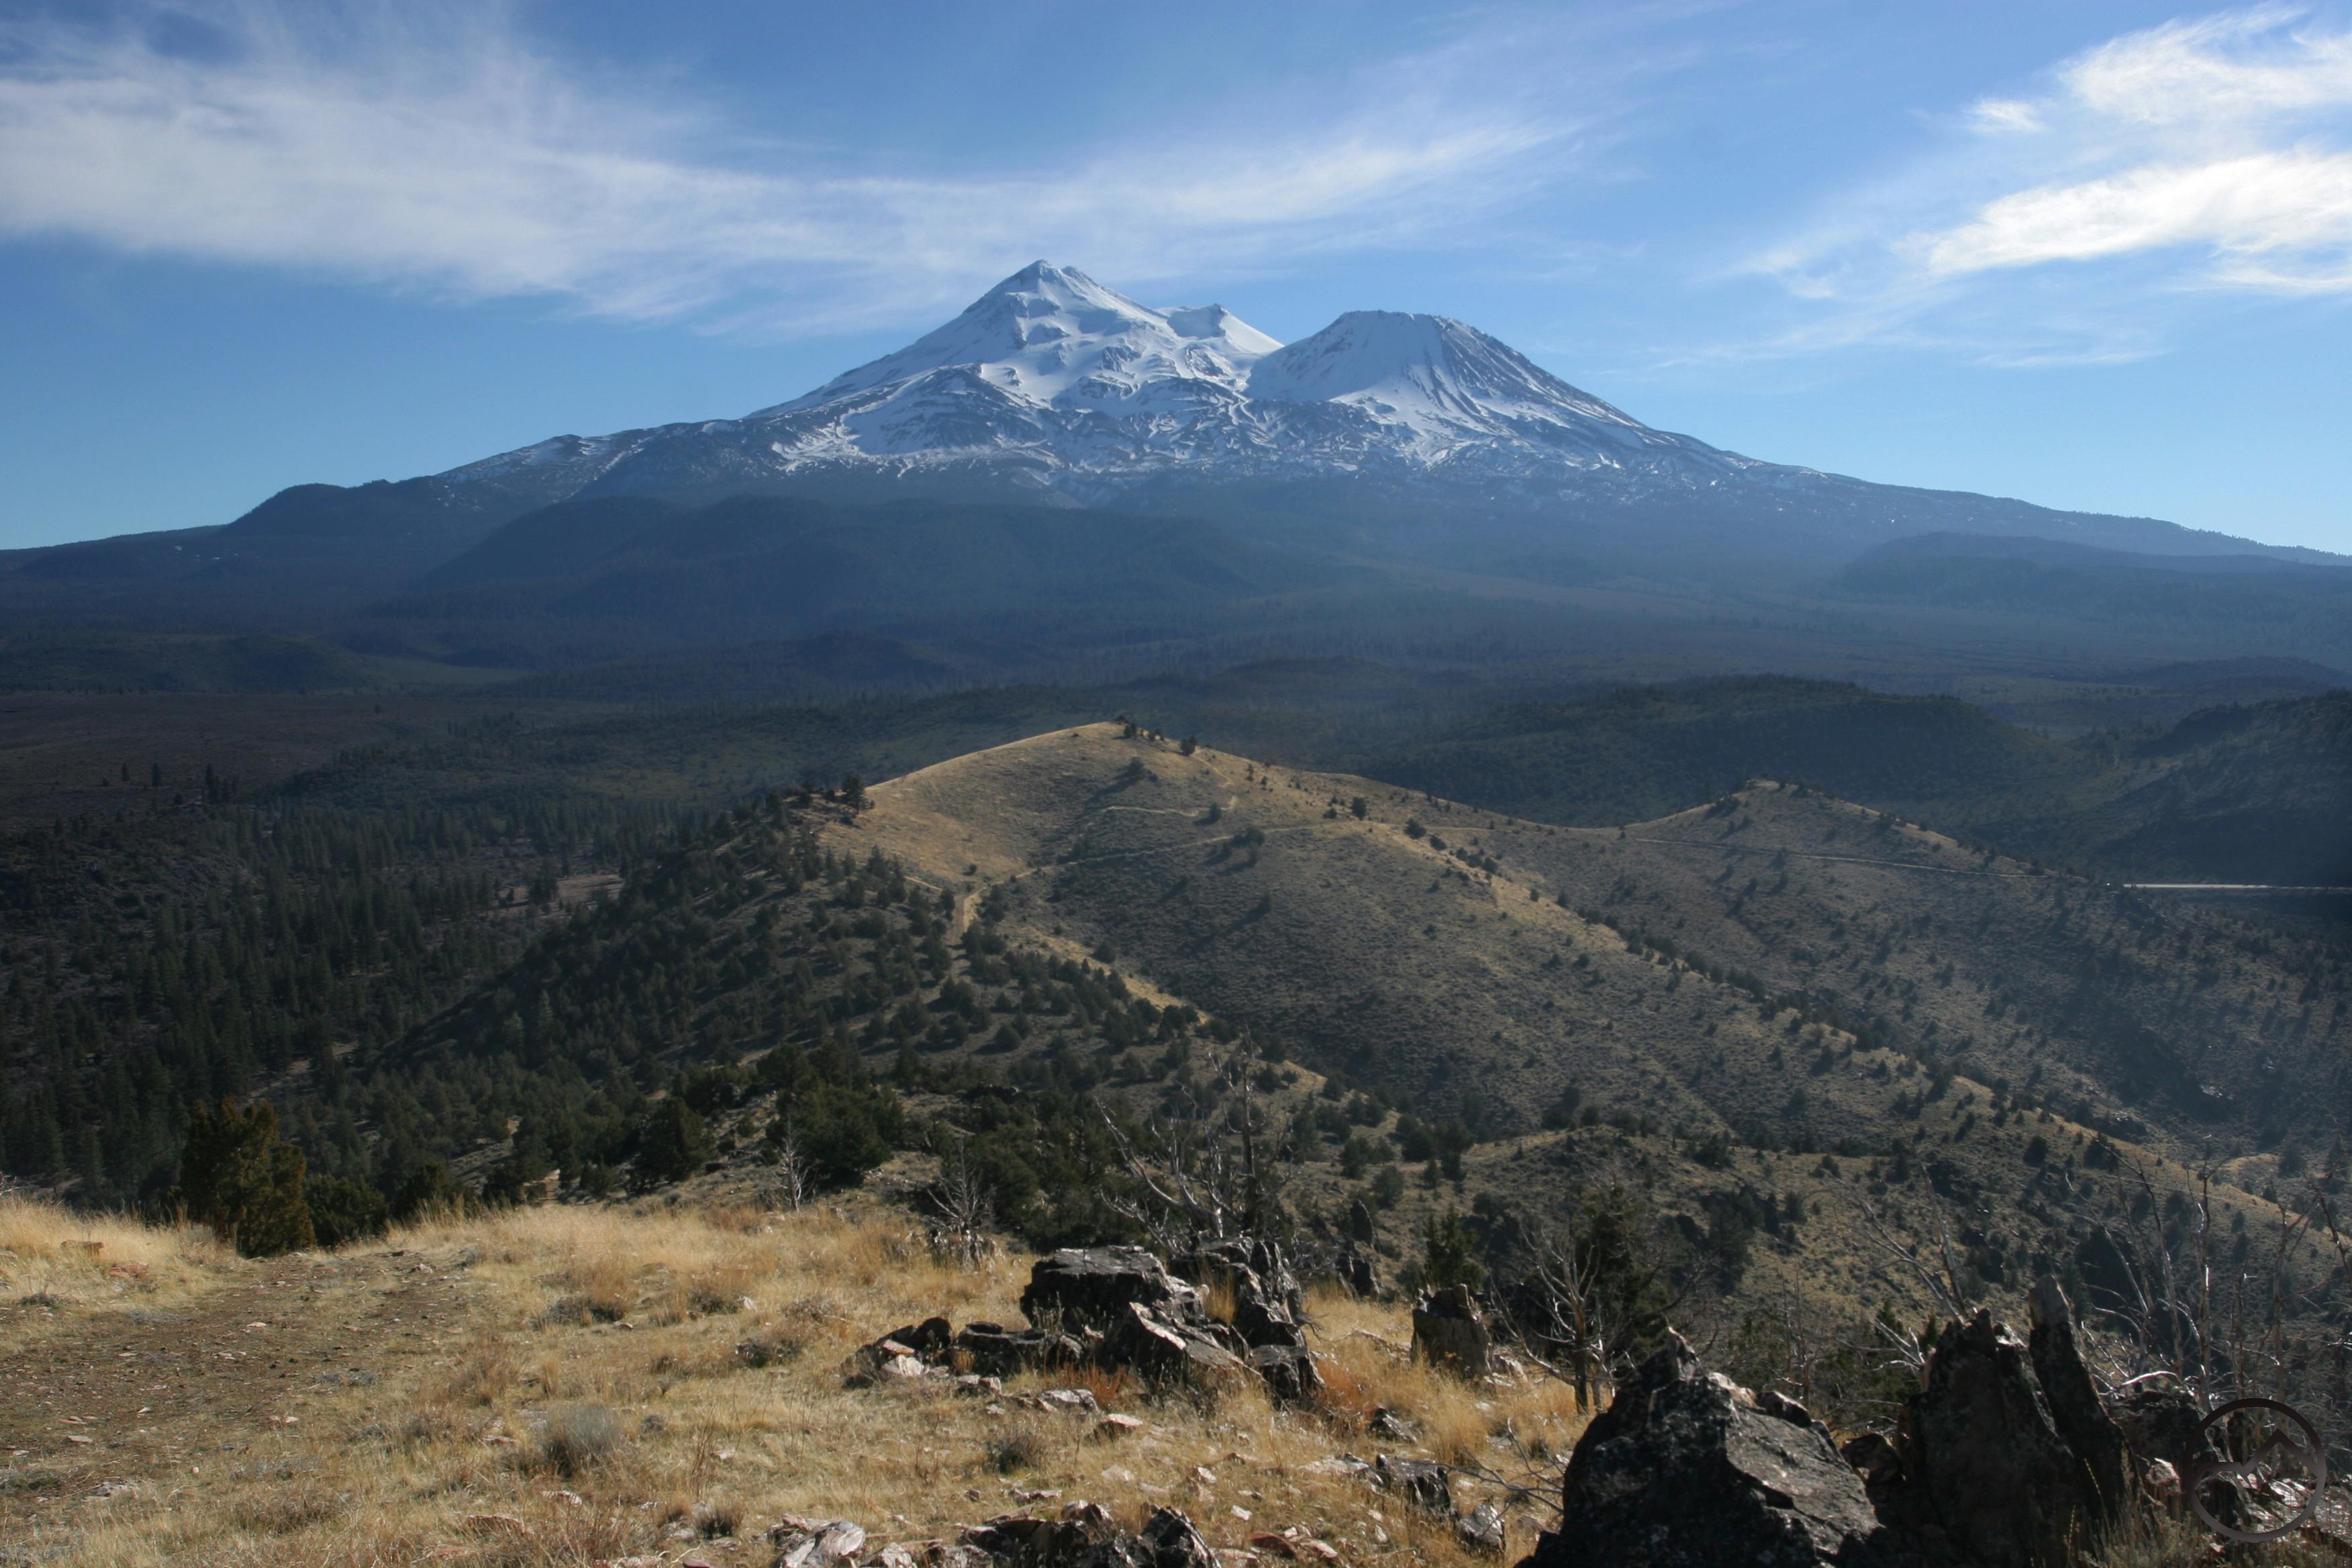 mt shasta summit trail